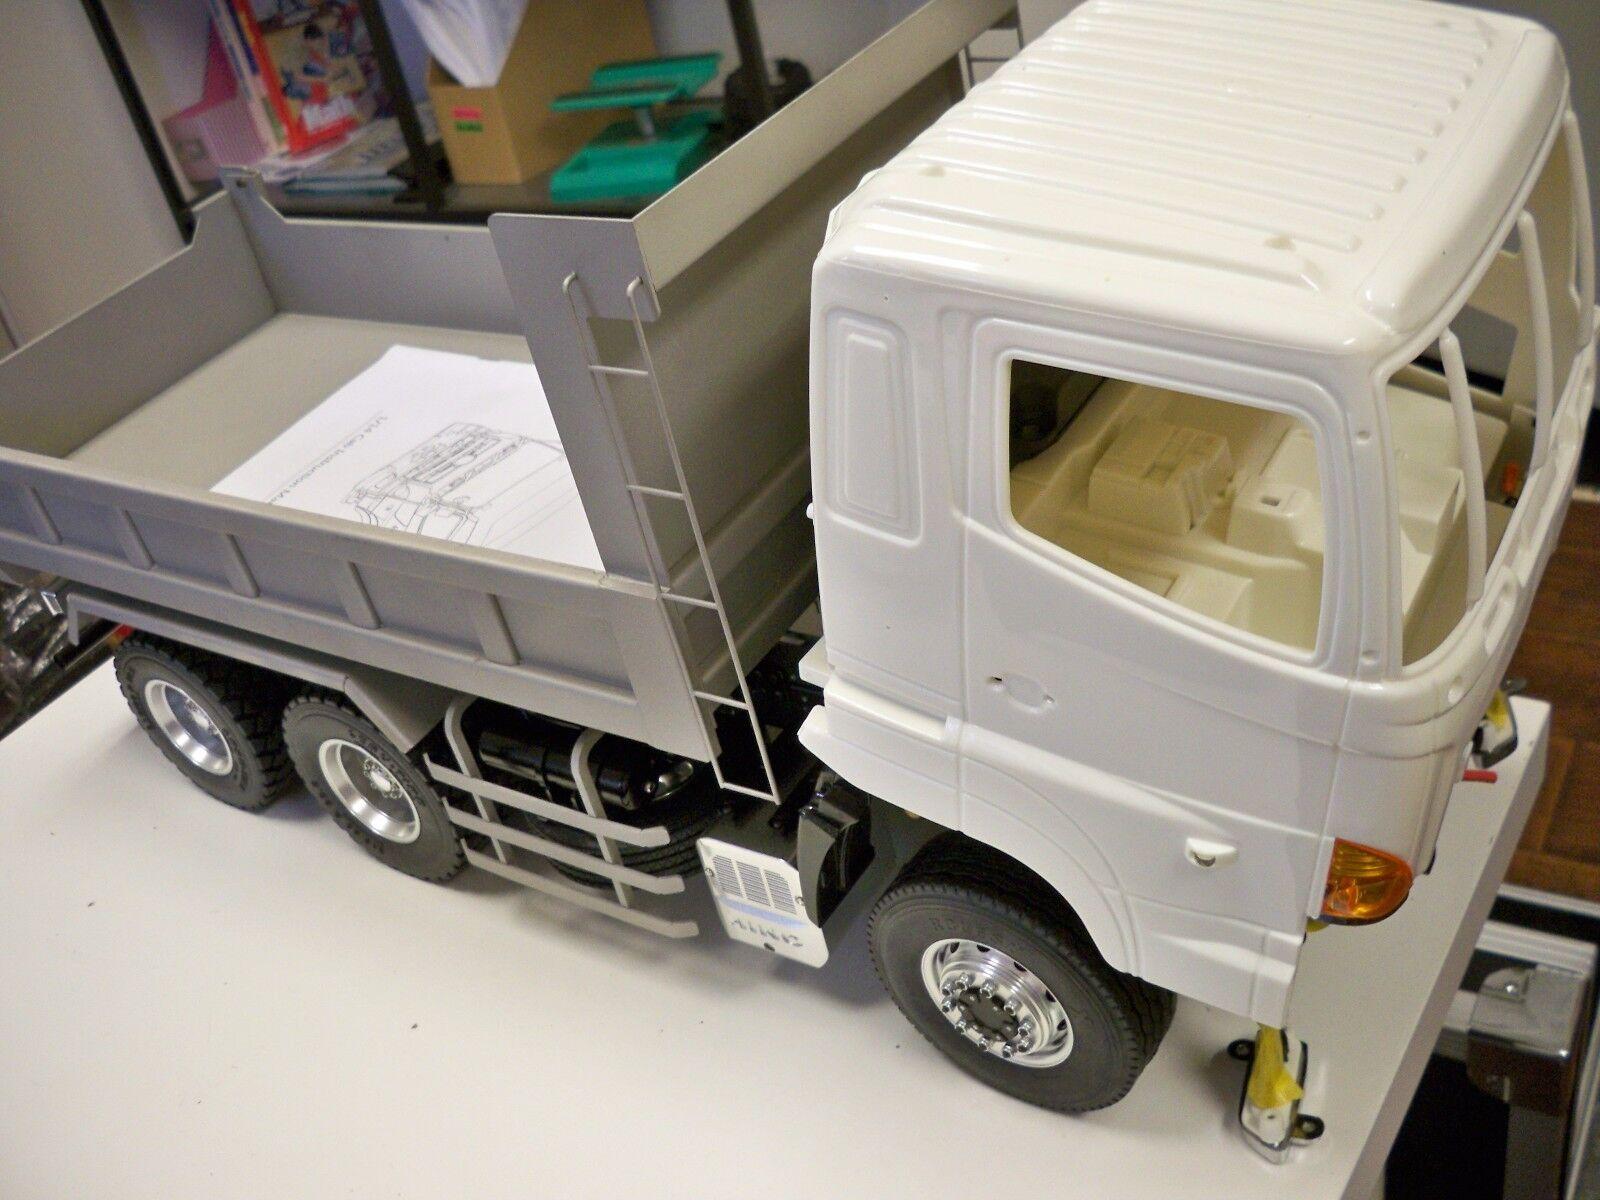 Lesu Full Metal 6x6 hidráulico Camión RTR, mejor calidad, Estados Unidos envío